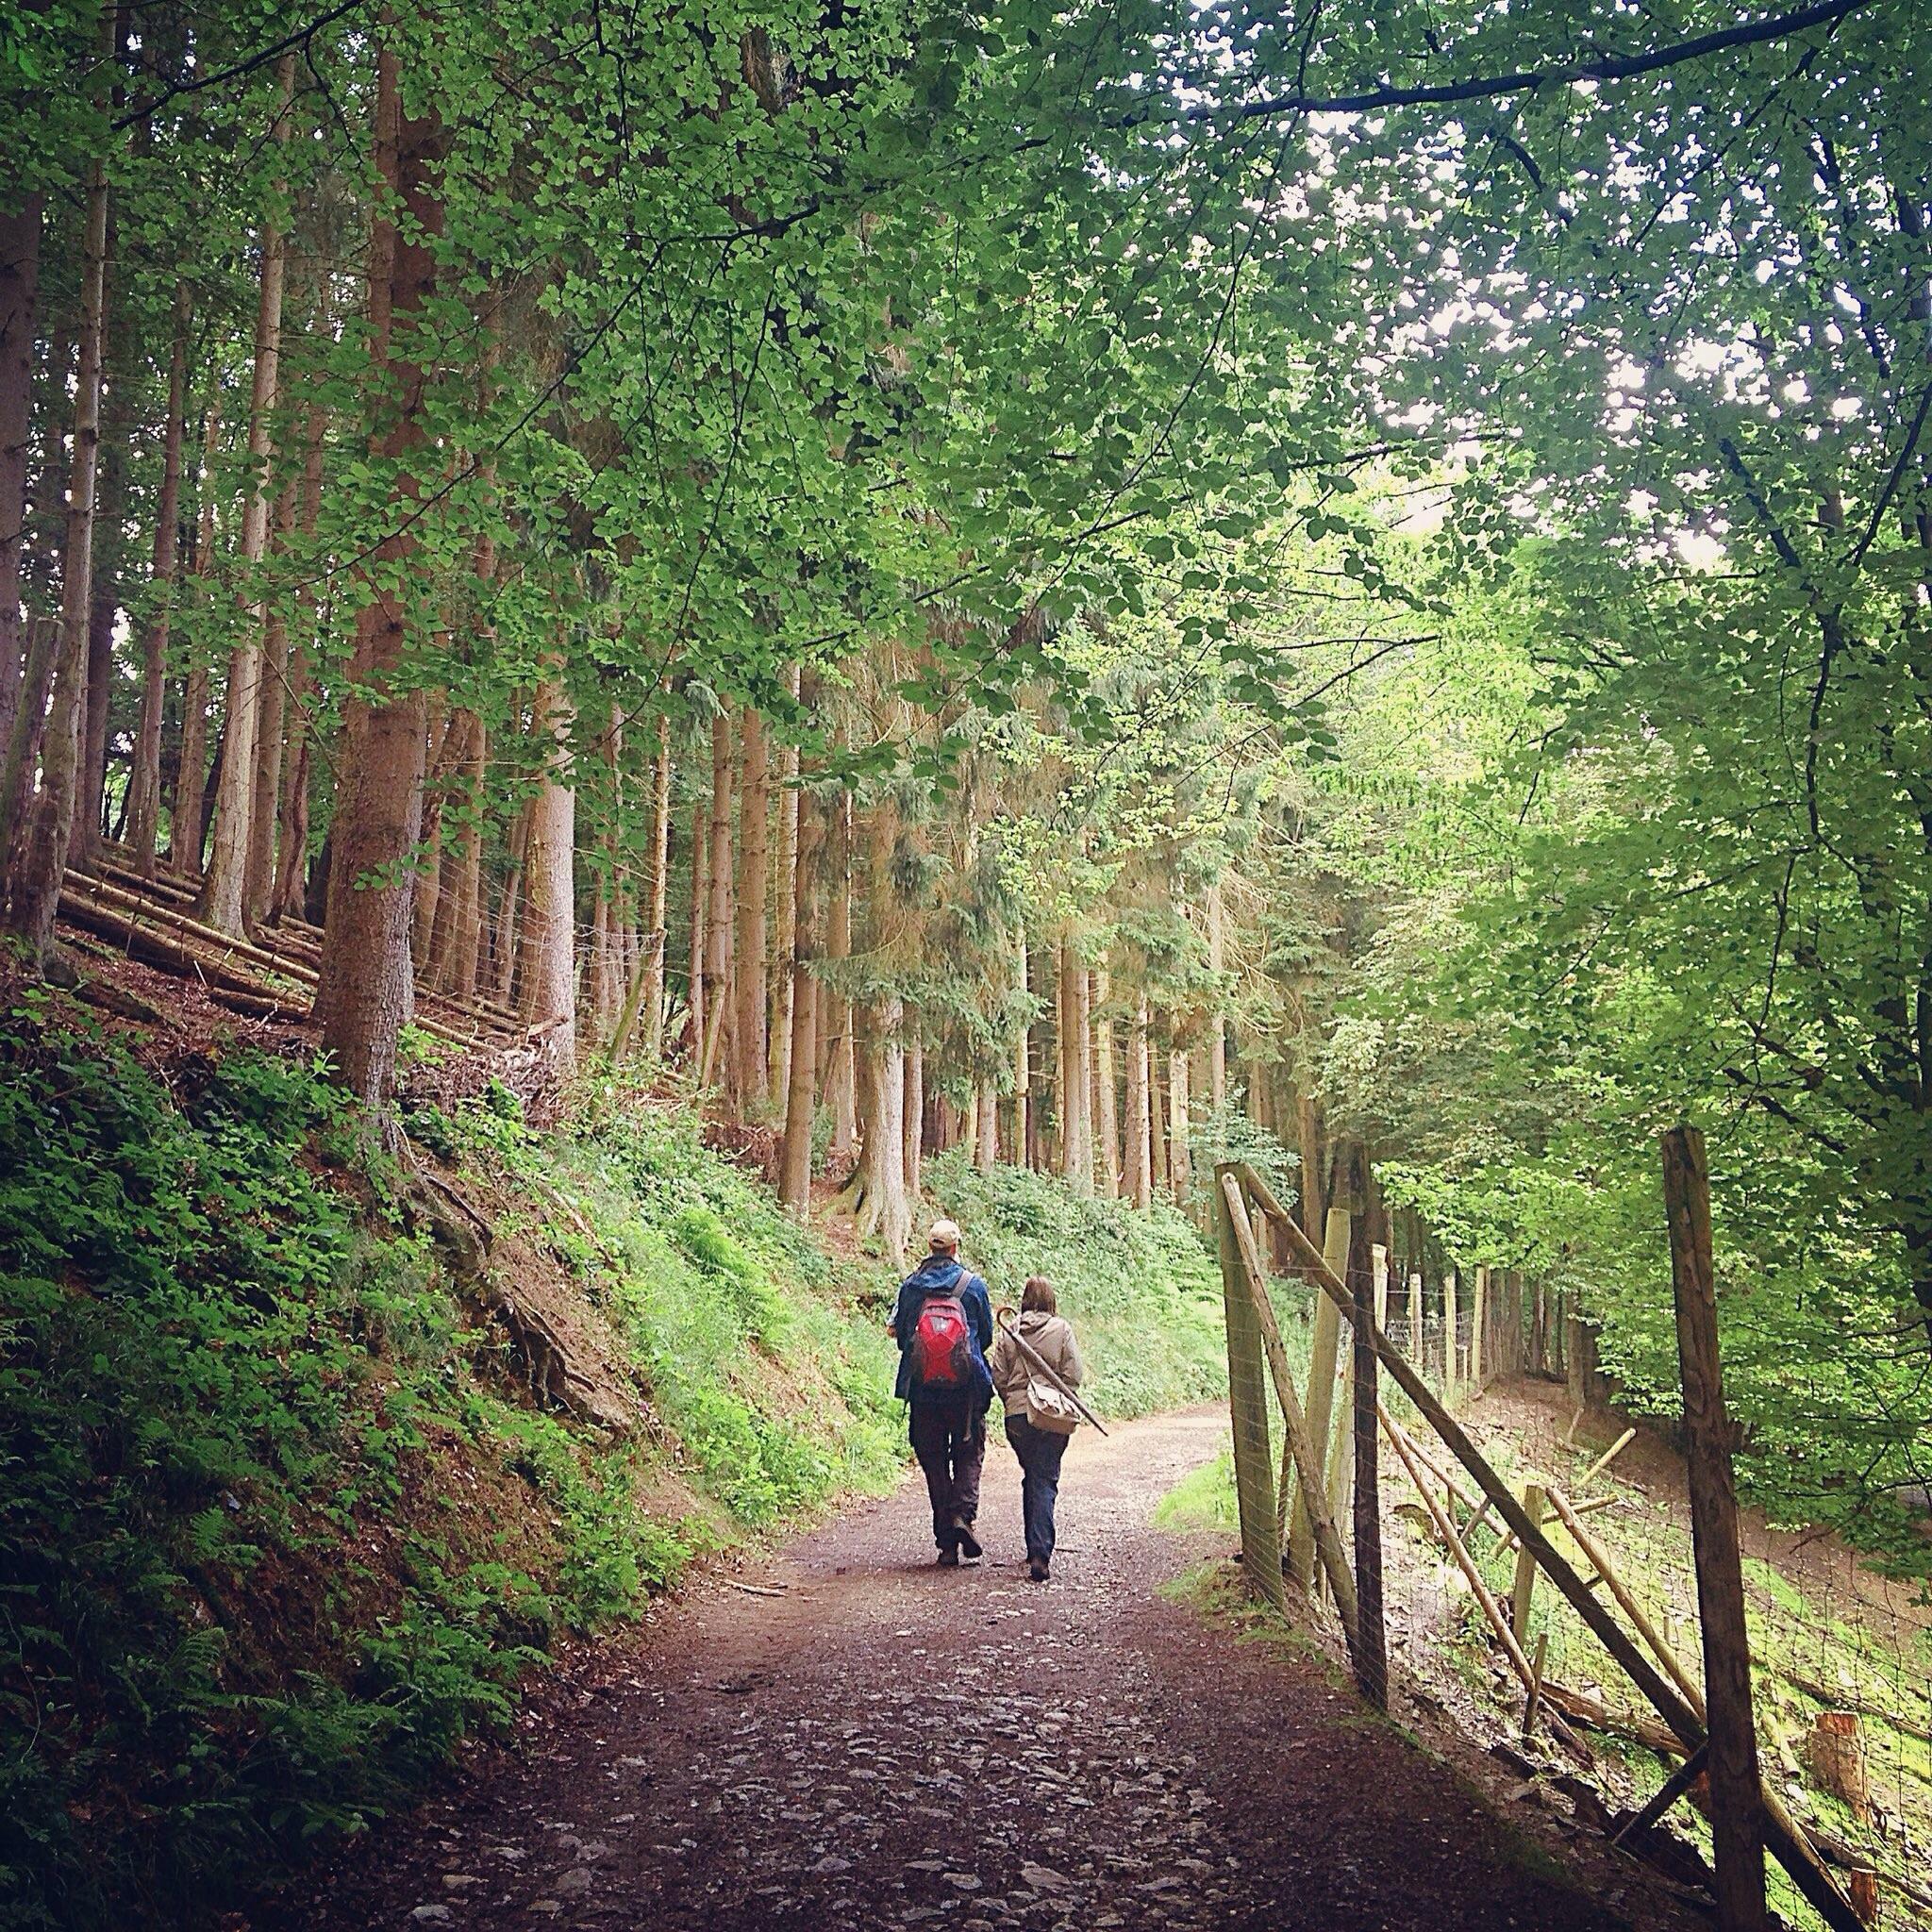 Eifel region, in Germany.